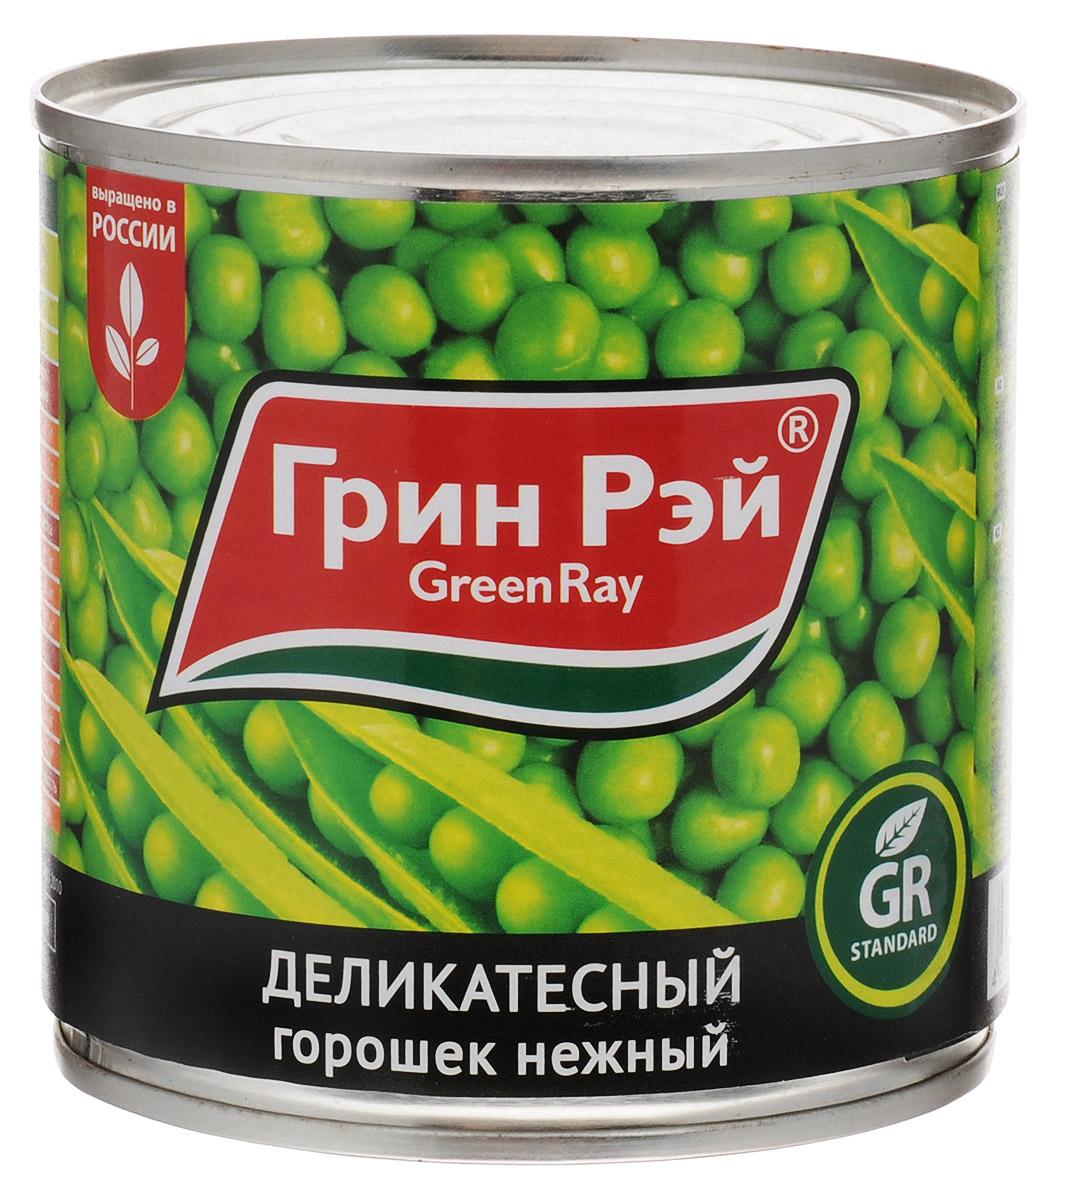 Green Ray Деликатесный горошек зеленый, 425 мл drill chuck k72 160 four jaw independent chuck collet chuck